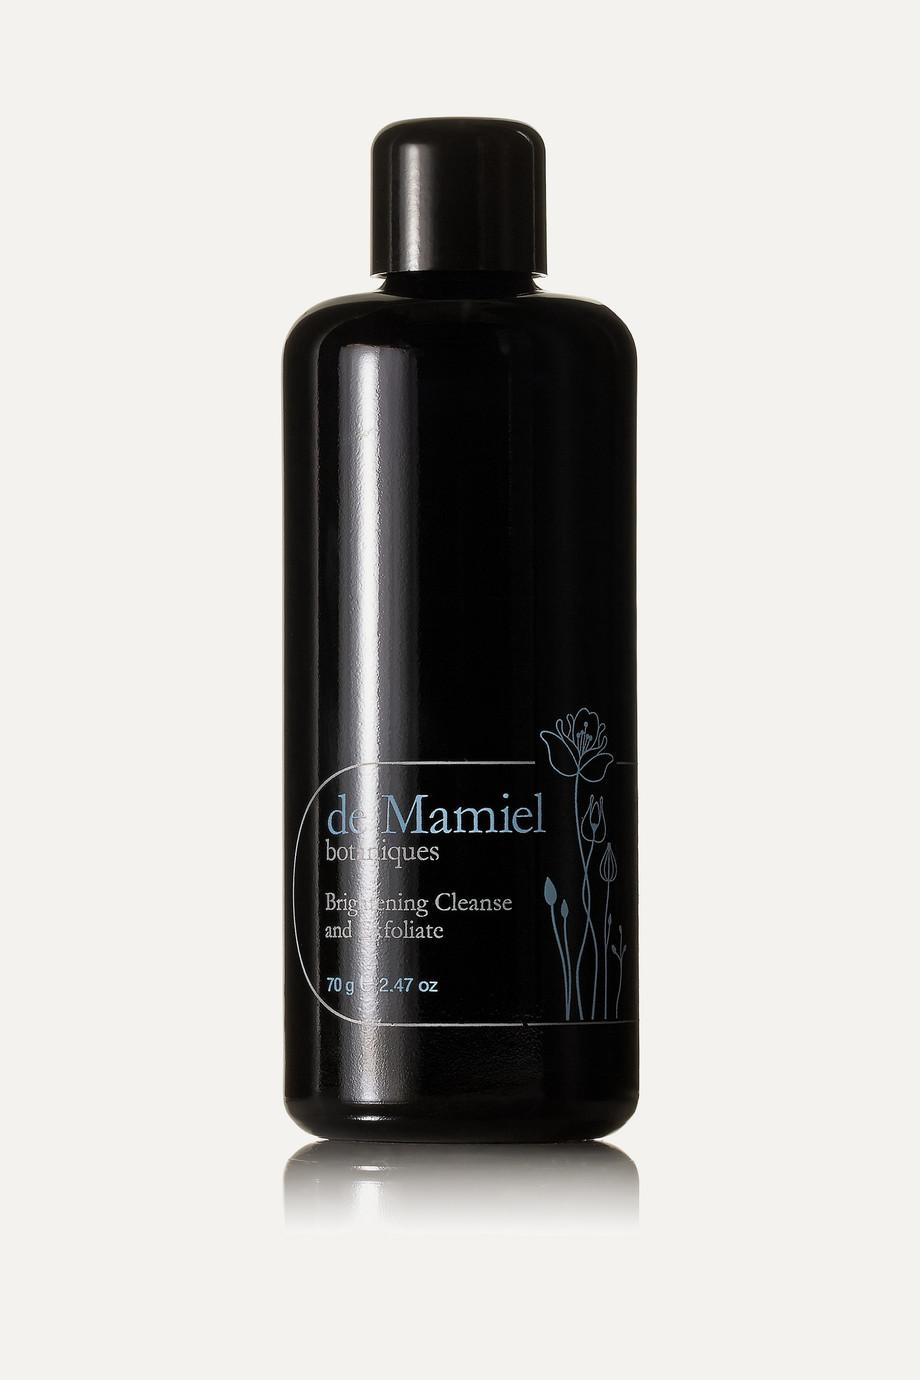 de Mamiel Brightening Cleanse & Exfoliate, 70g